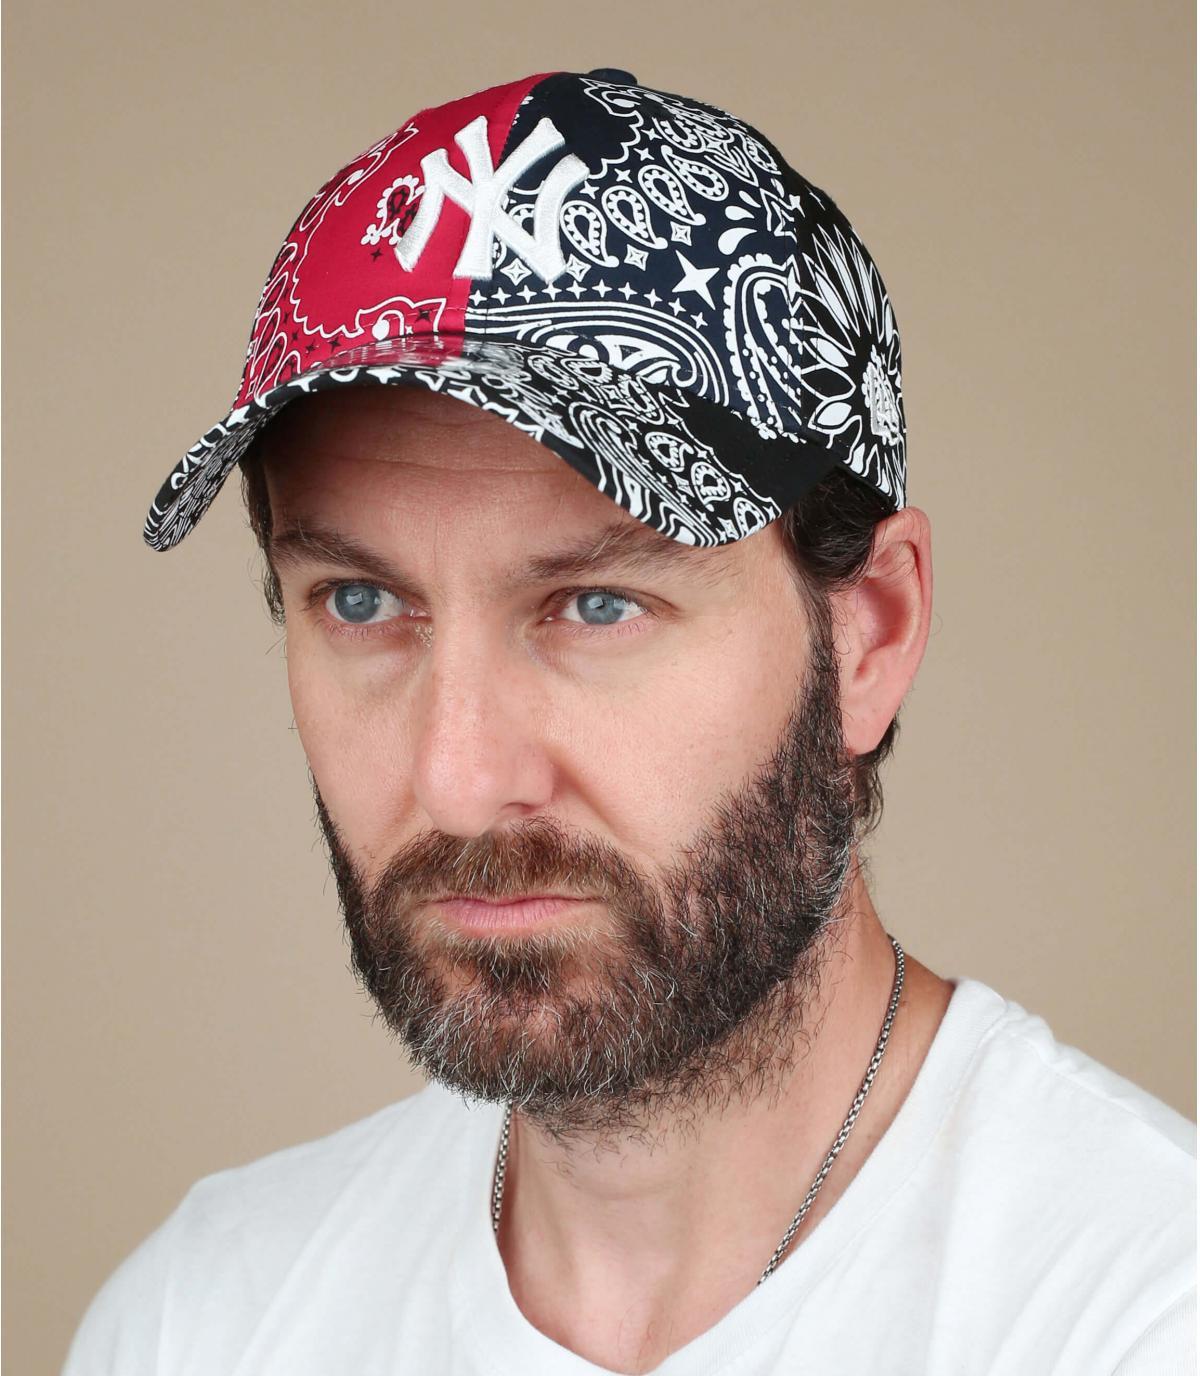 cappellino NY bandana rosso nero